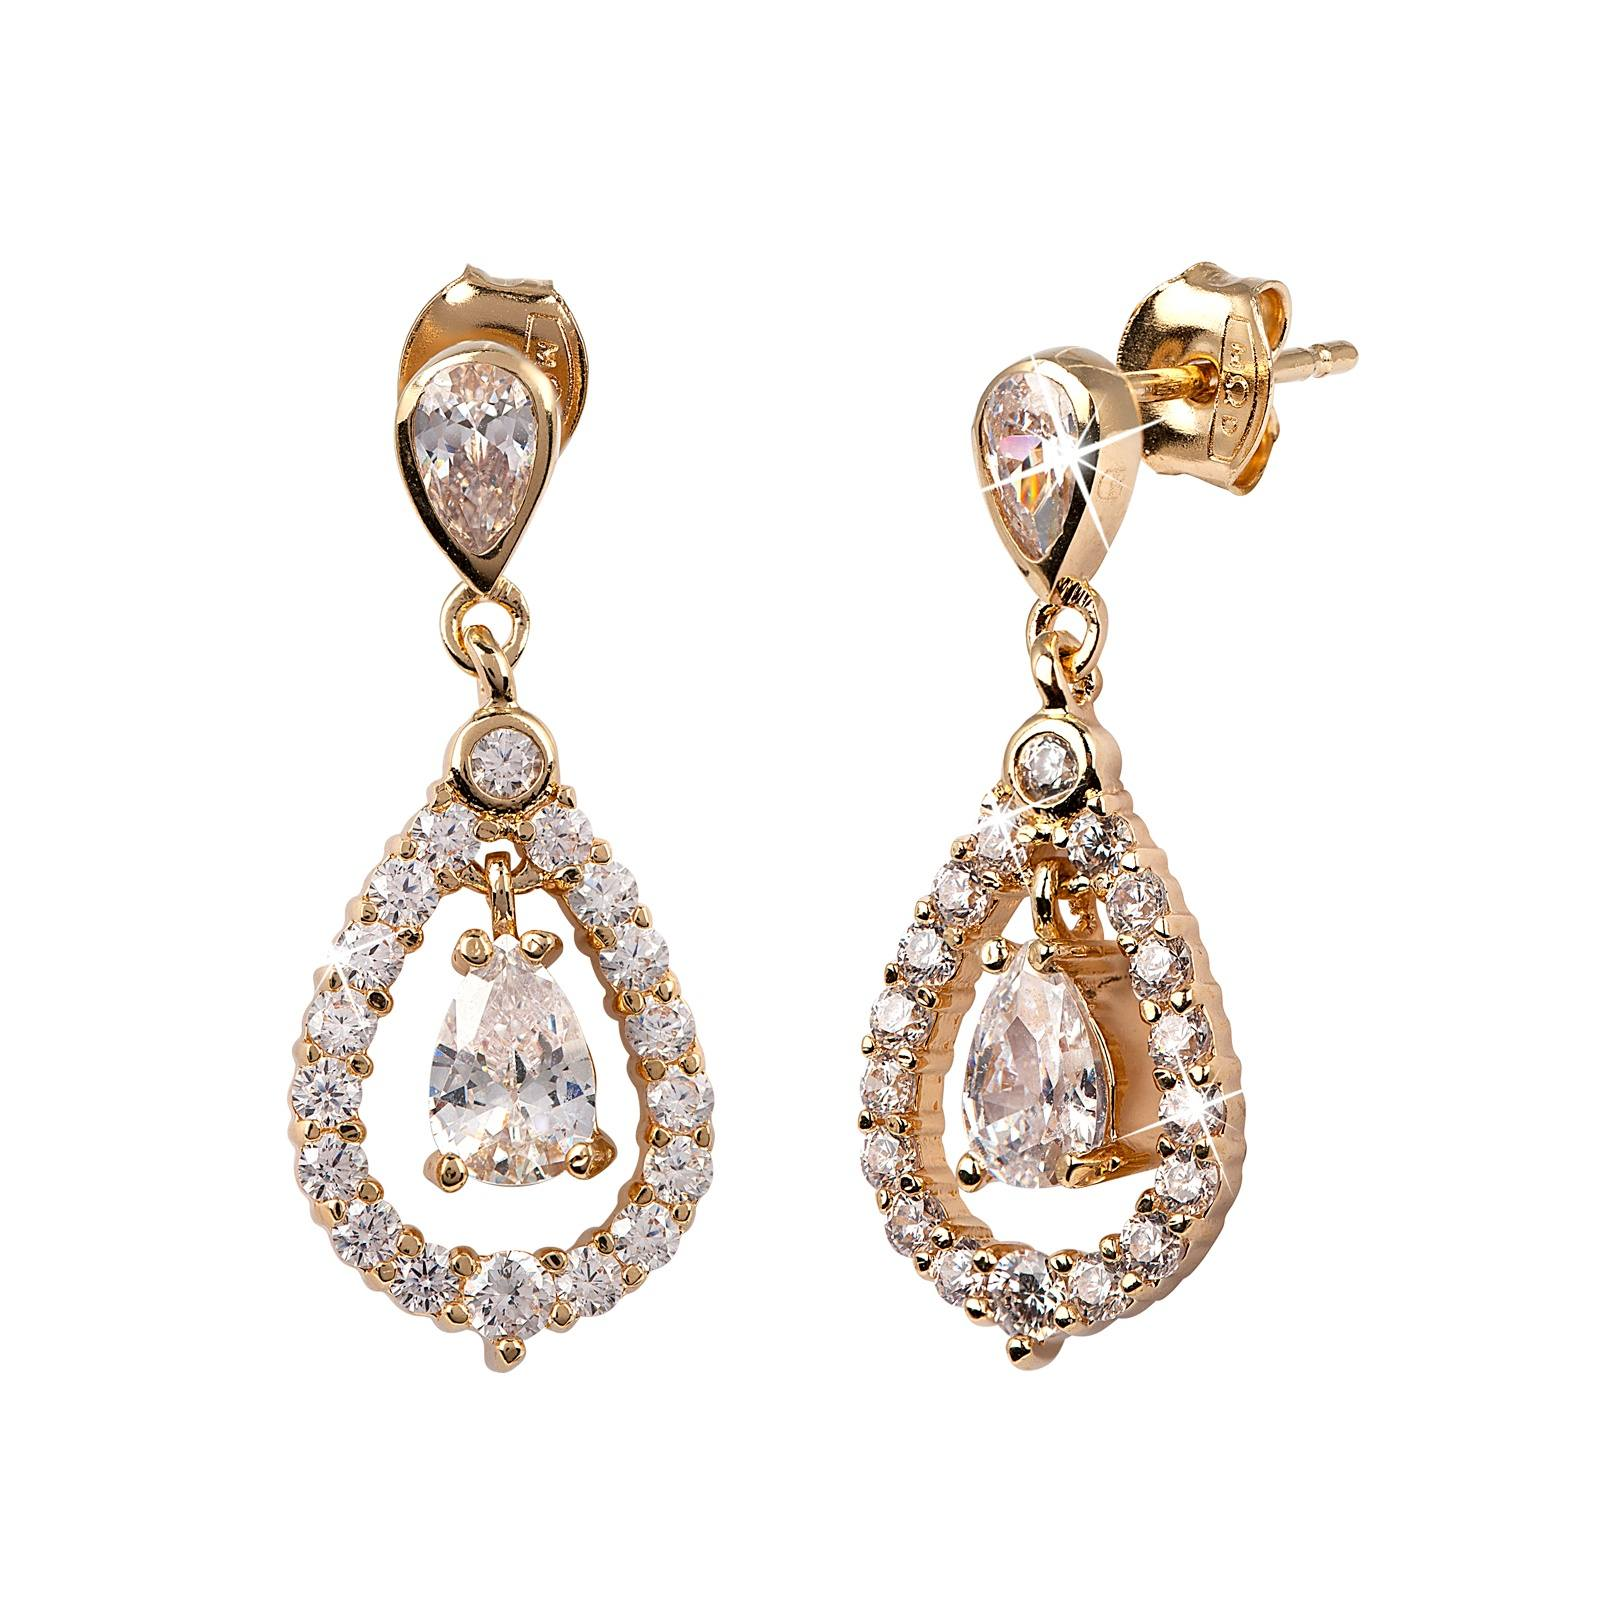 18k Guldpläterade örhängen med Kubisk Zirkonia - droppar